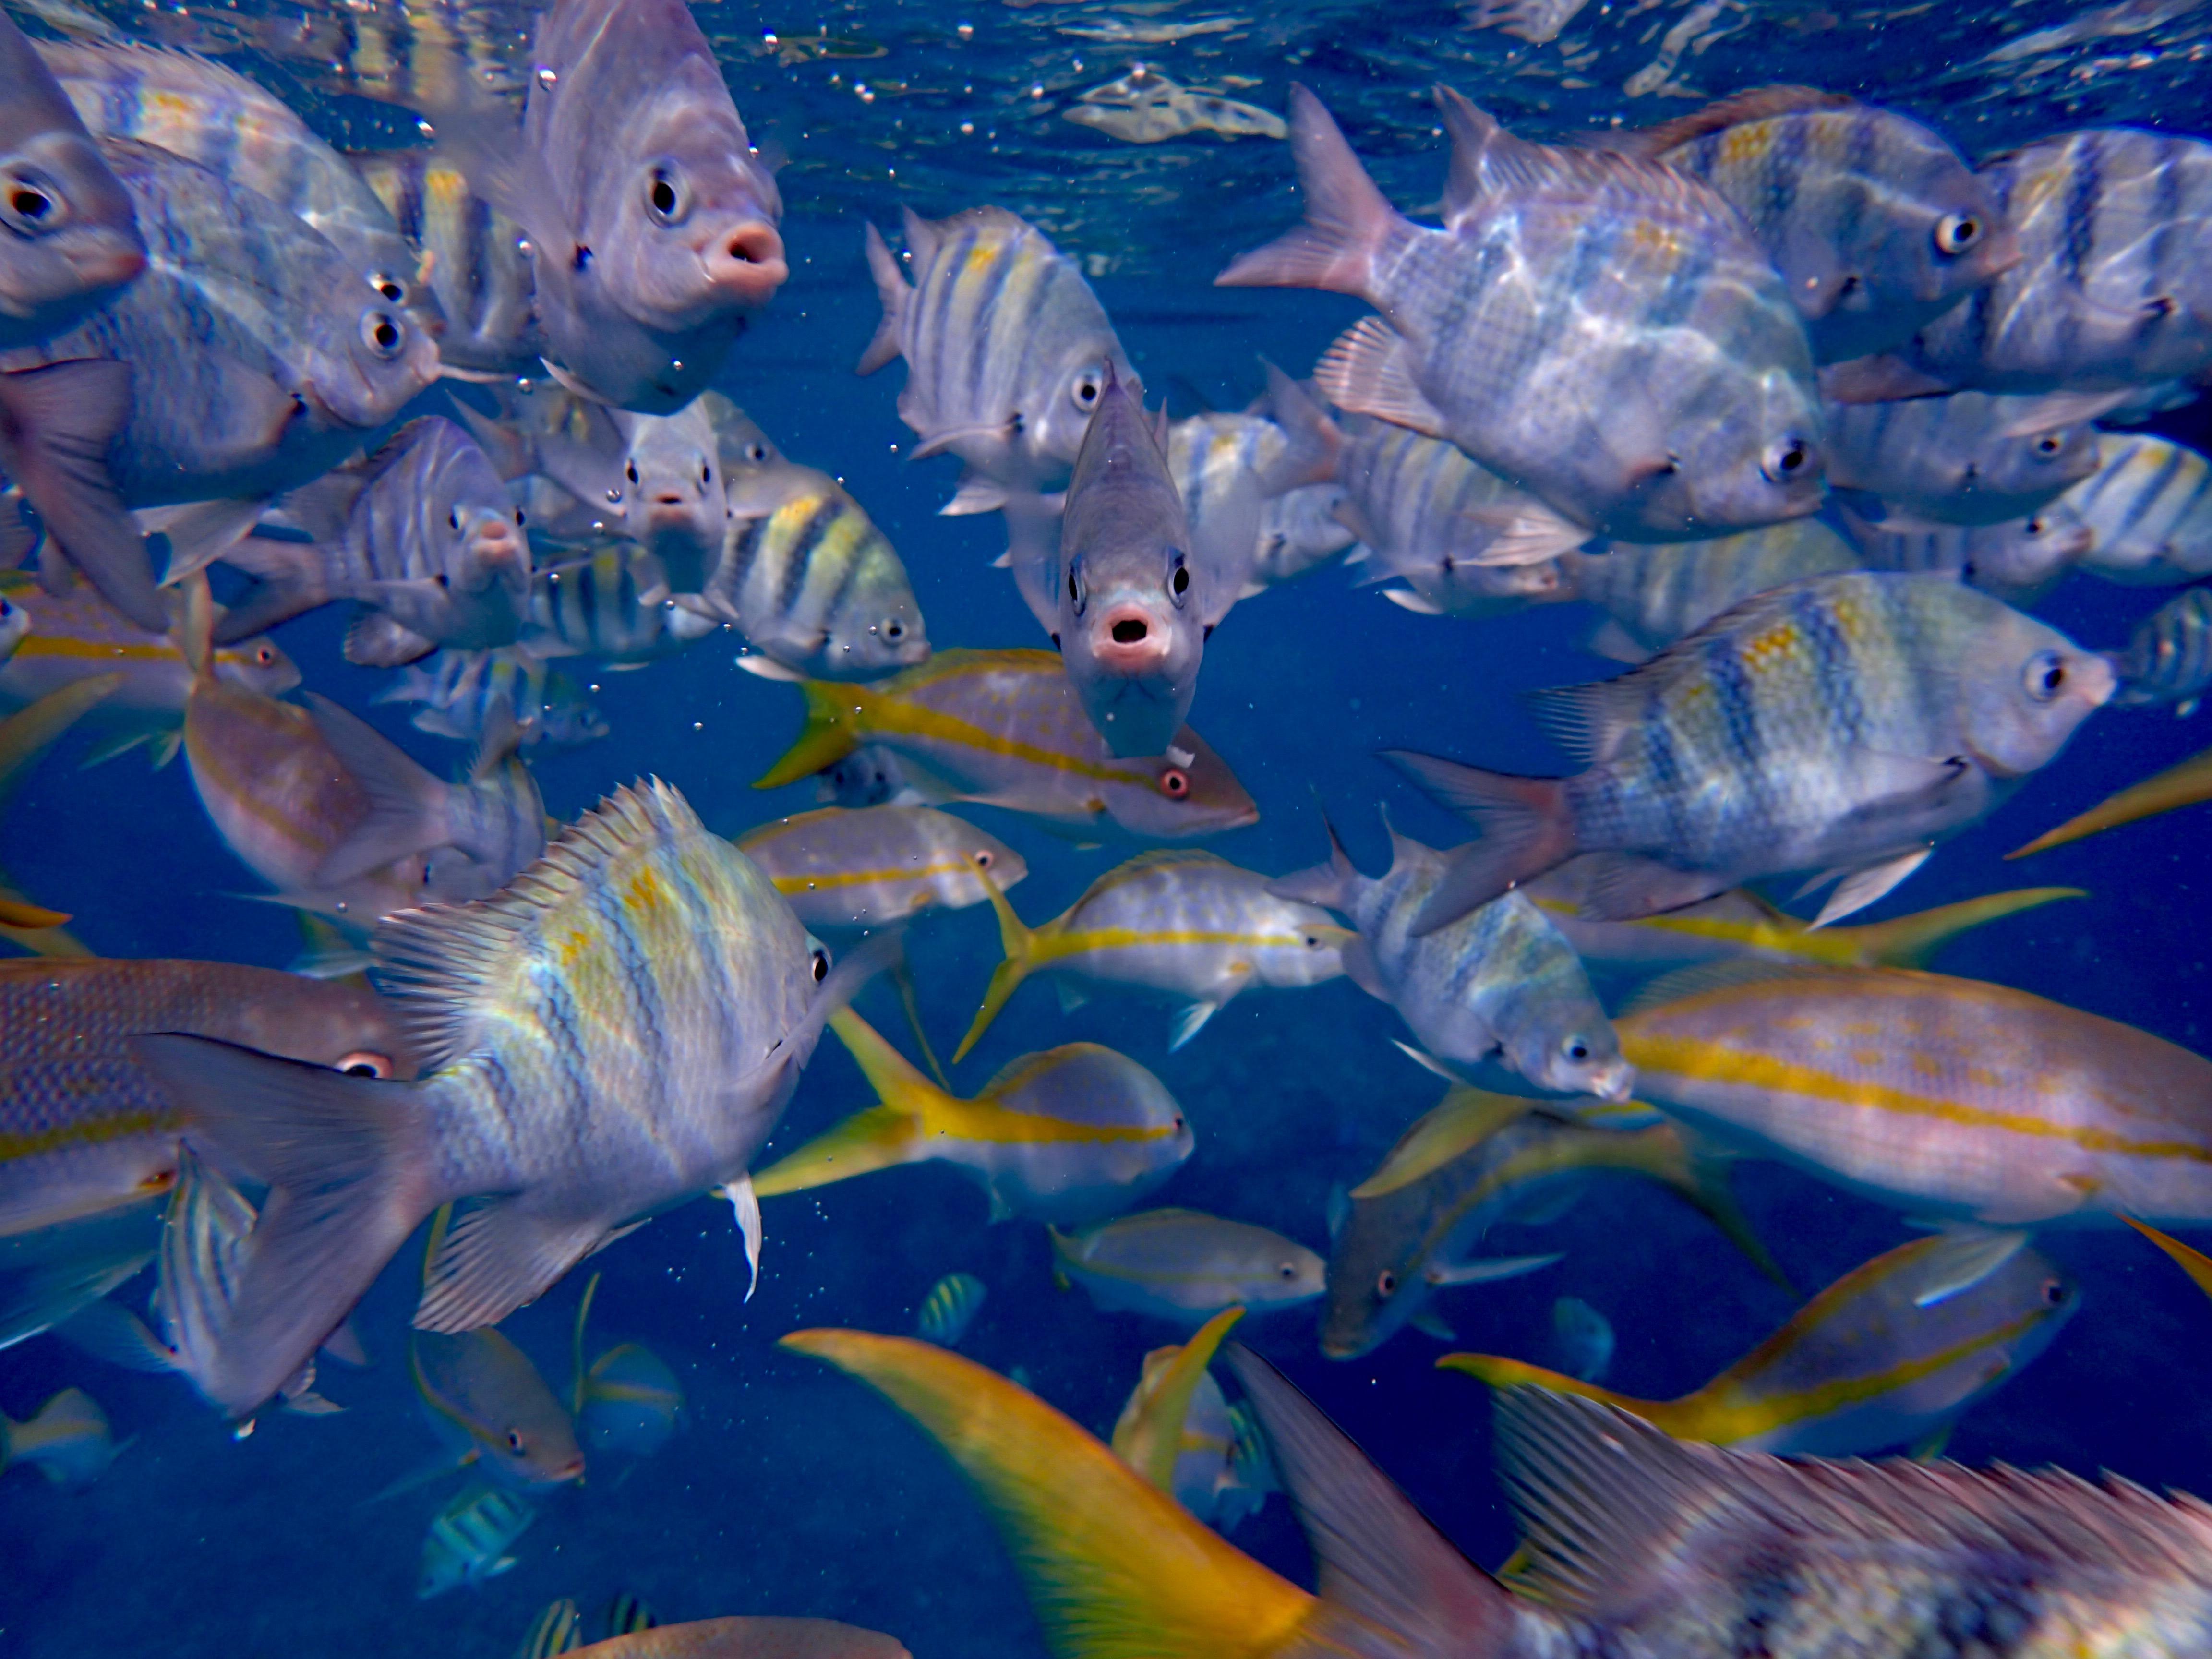 A lotta fishies